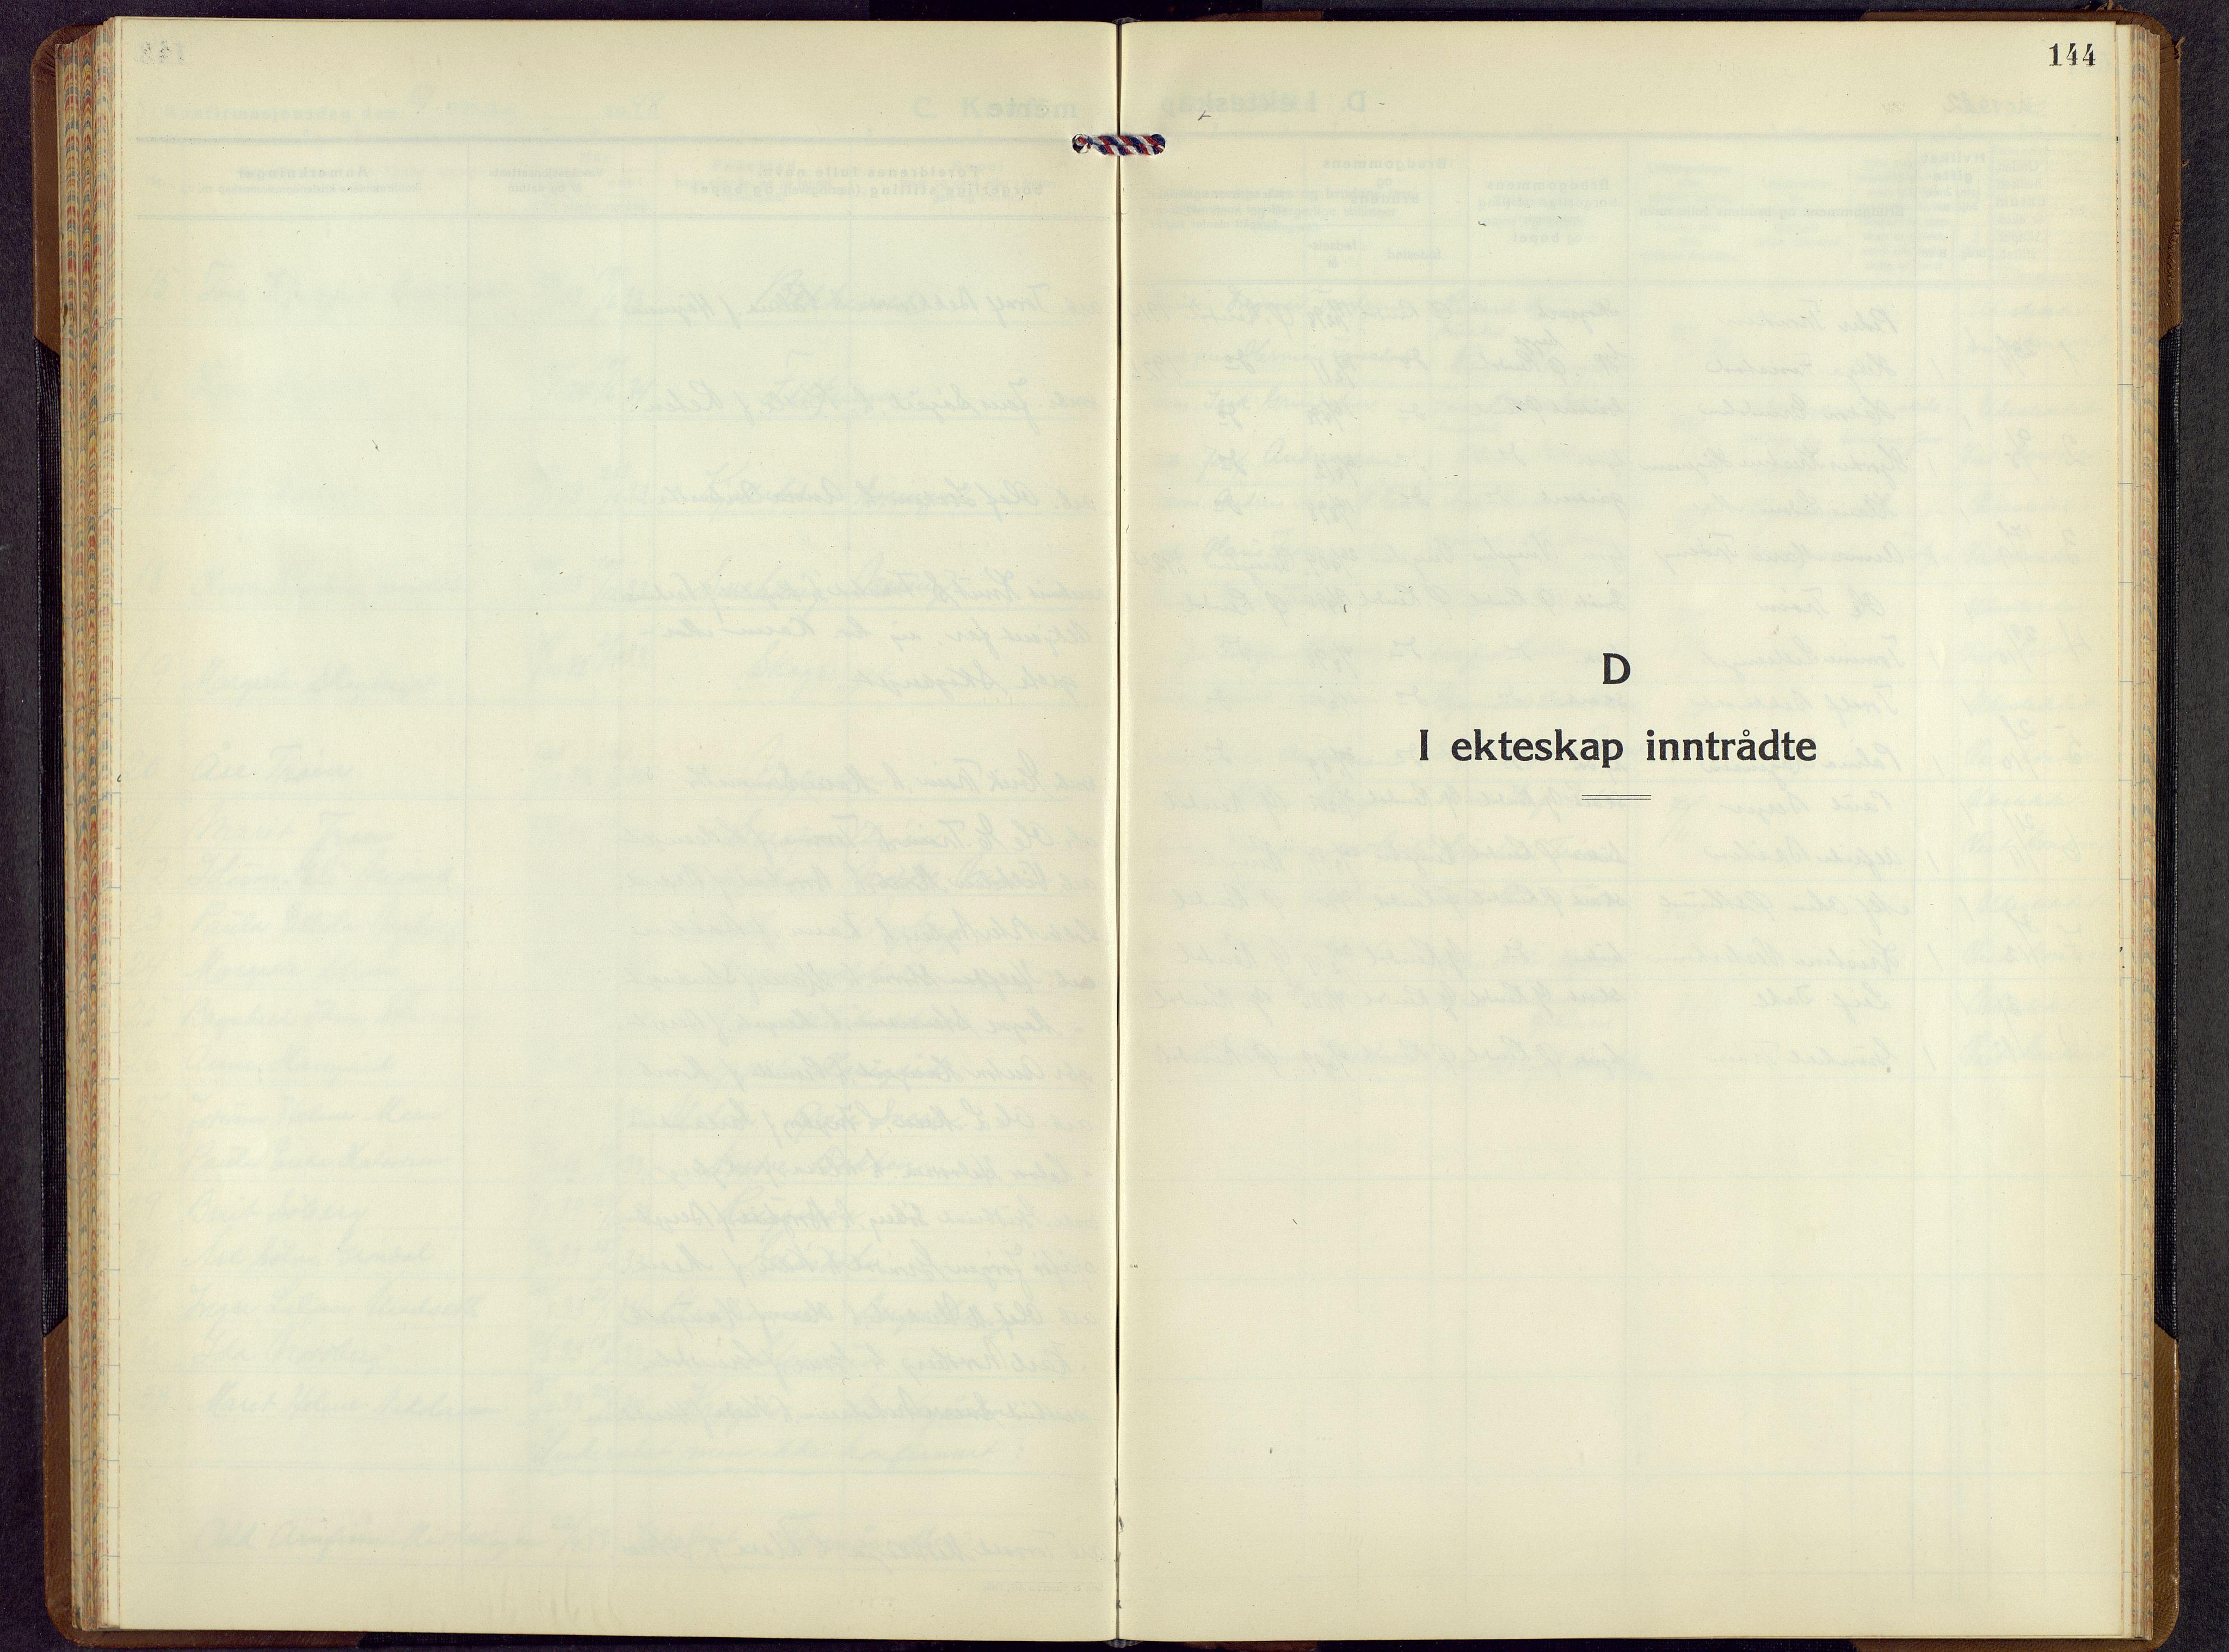 SAH, Rendalen prestekontor, H/Ha/Hab/L0005: Klokkerbok nr. 5, 1931-1959, s. 144